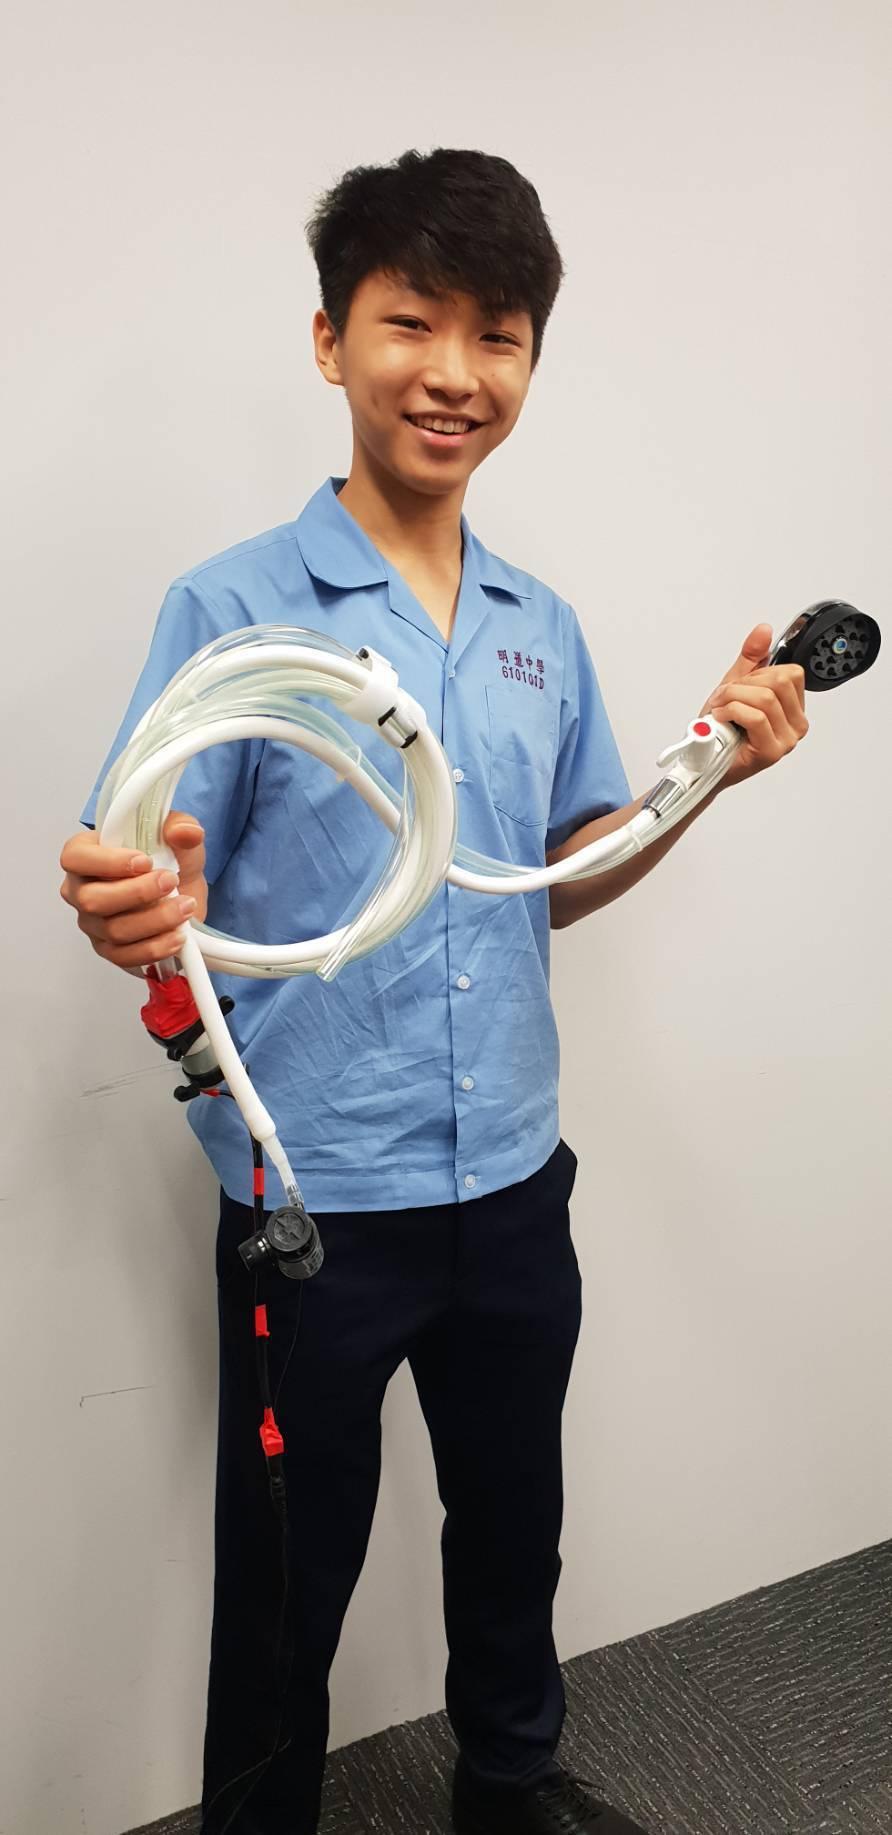 明道中學學生江承蔚發明「可攜式身體清洗裝置」。圖/明道中學提供